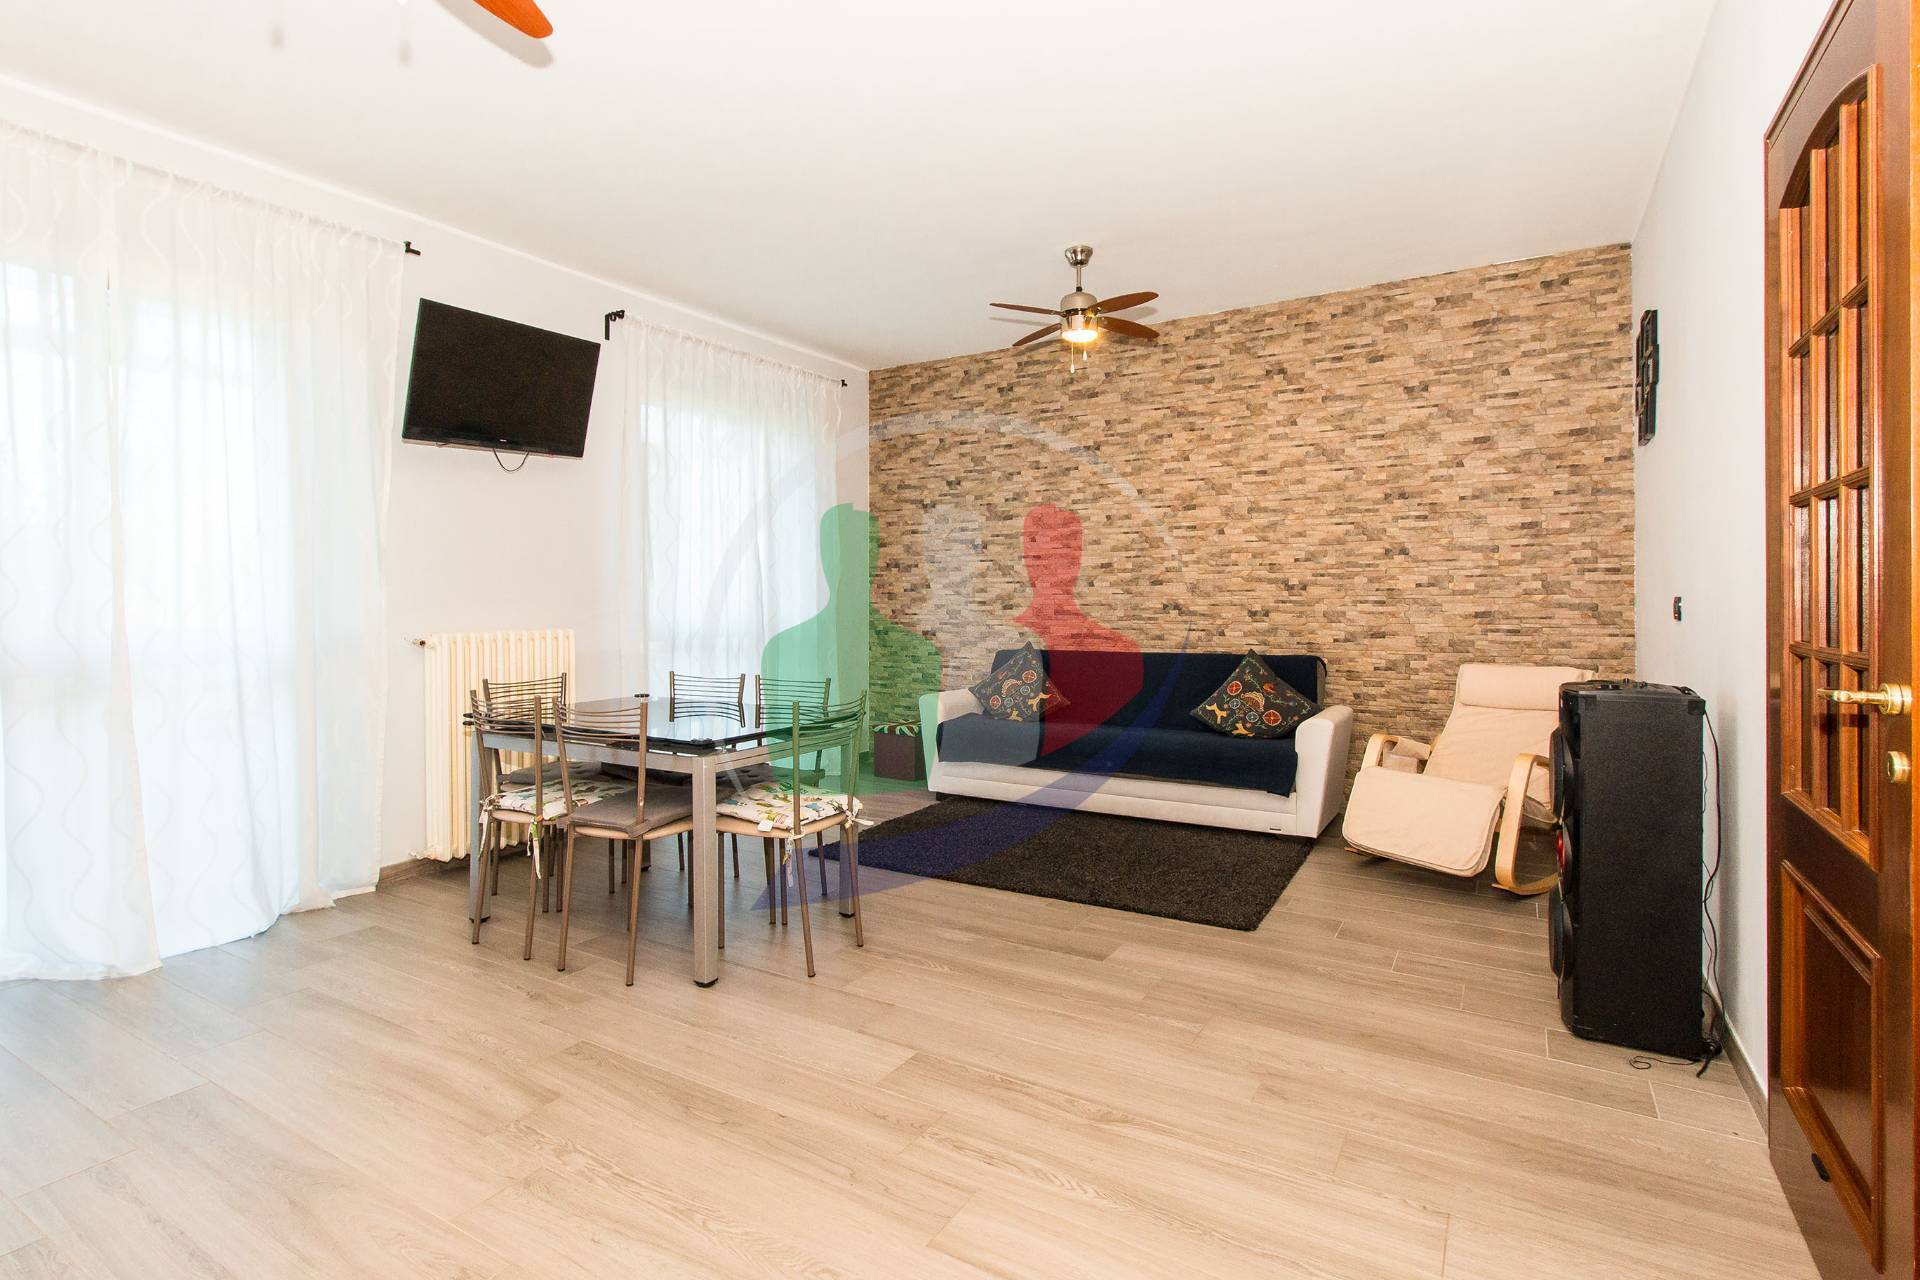 Appartamento in vendita a None, 4 locali, prezzo € 85.000 | PortaleAgenzieImmobiliari.it